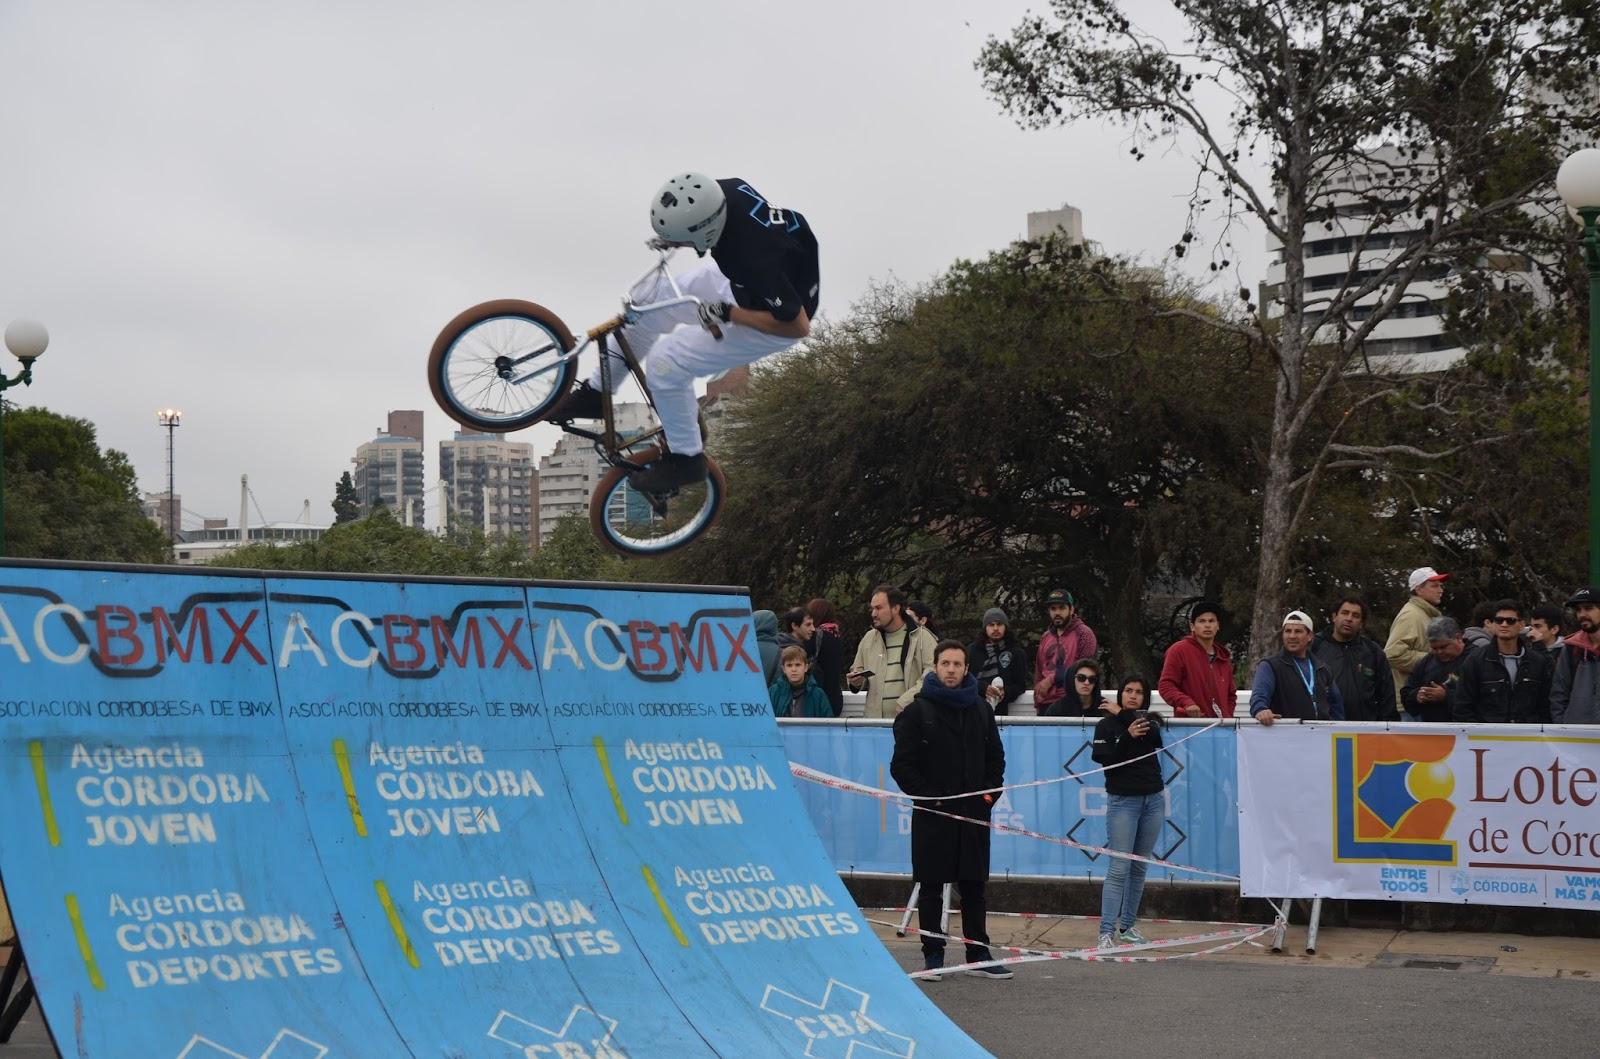 Diario deportivo del Sudeste cordobes: Córdoba X: El BMX, en pleno ...